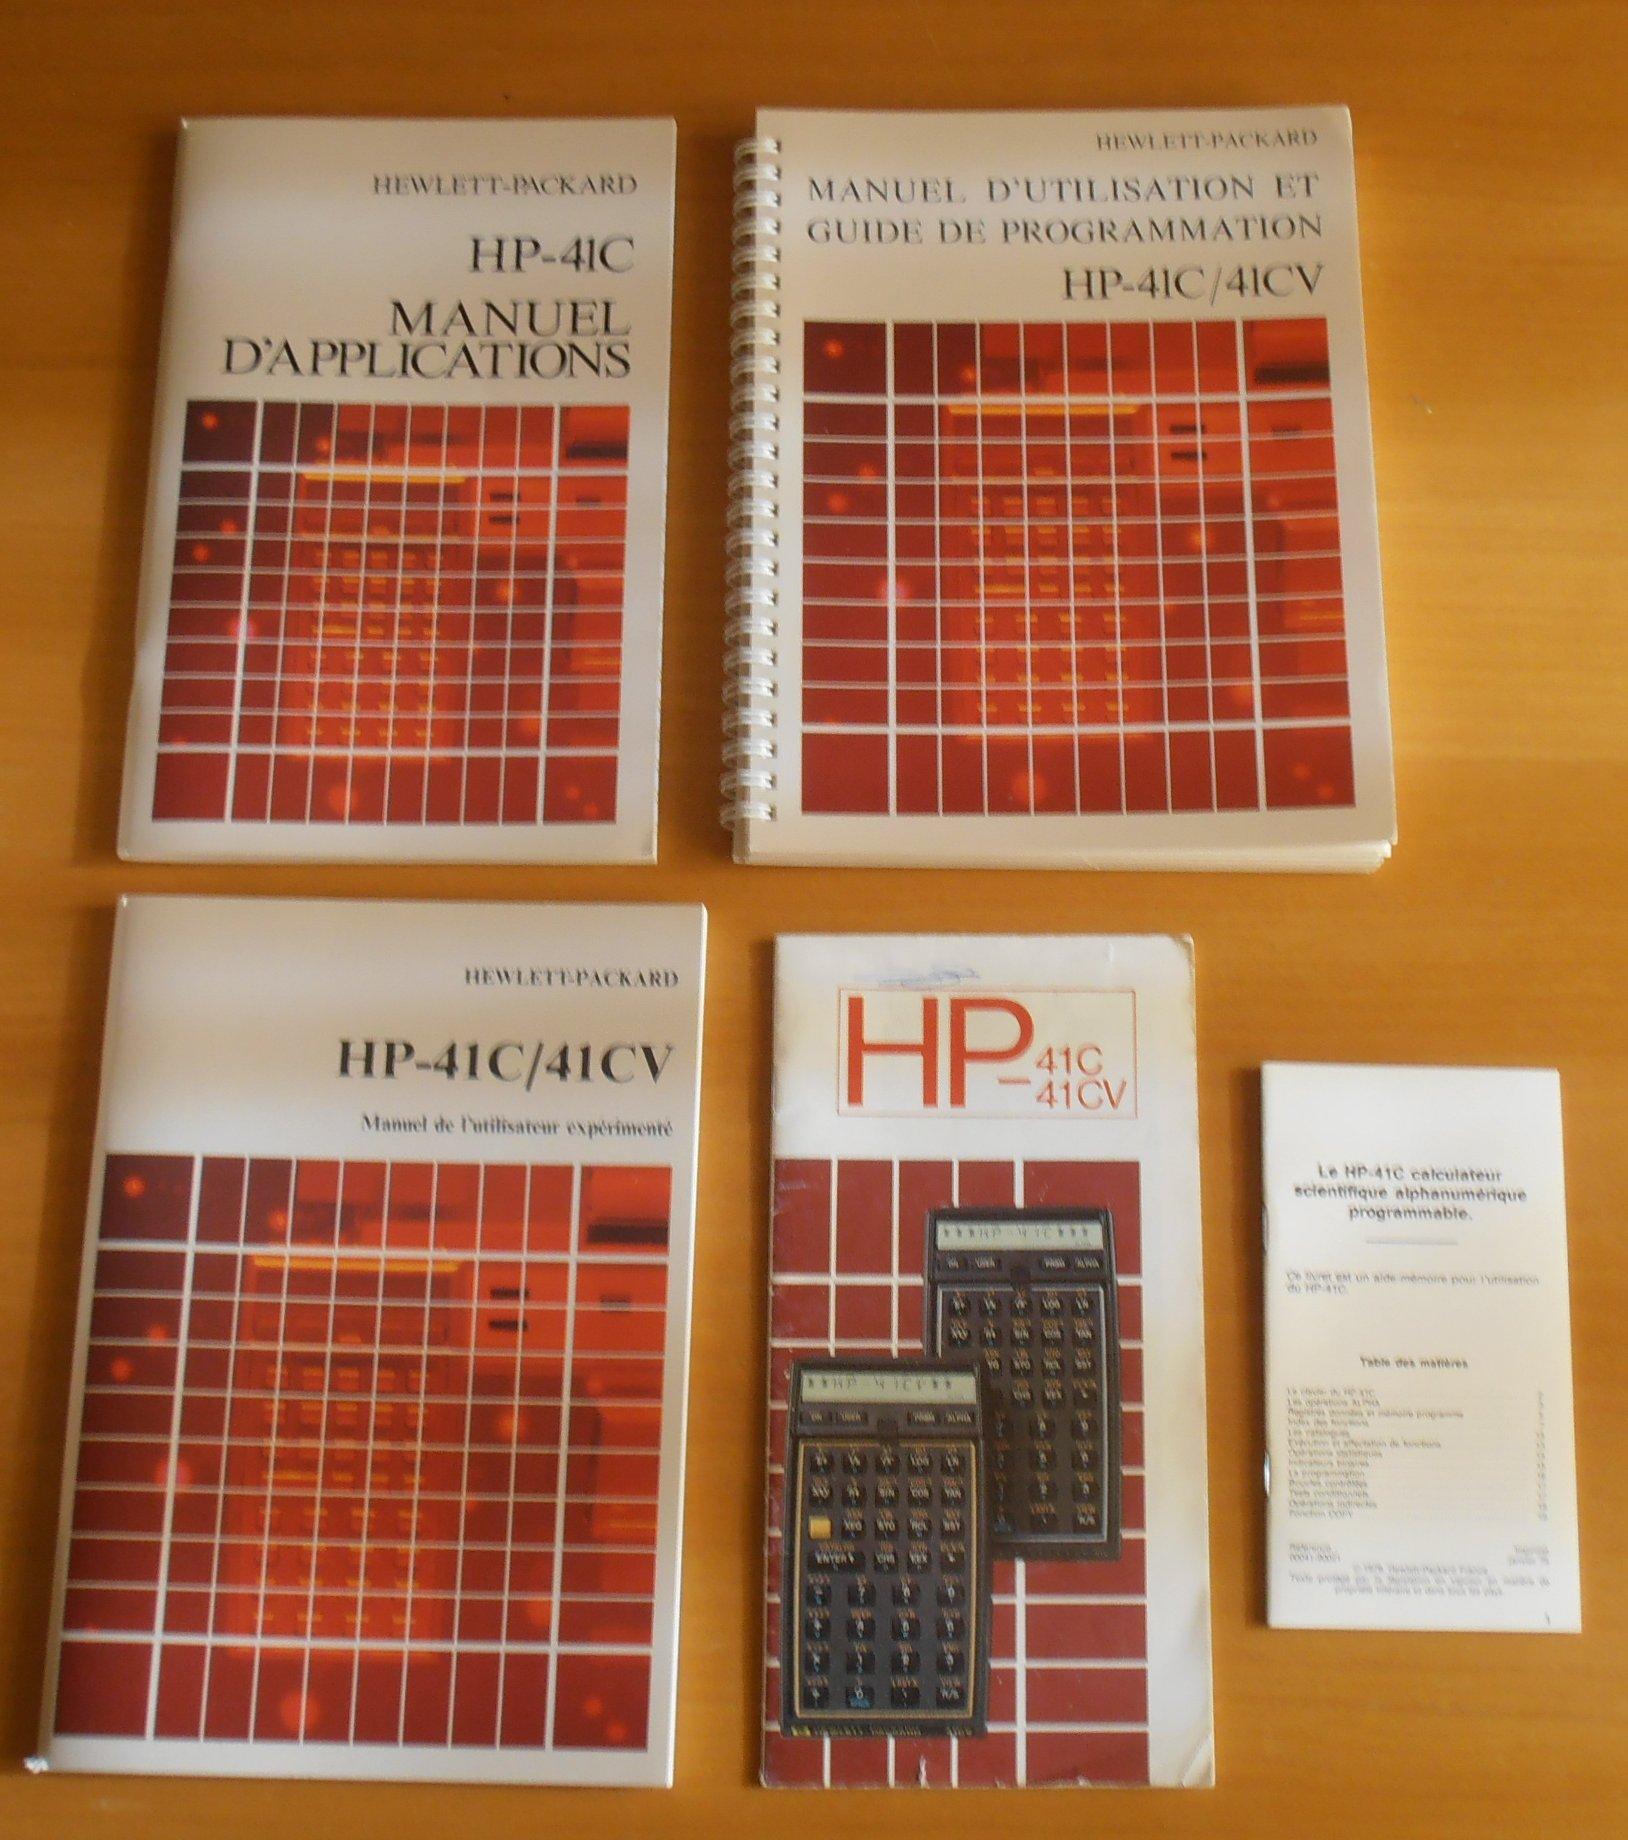 HP 41 CV Documentation